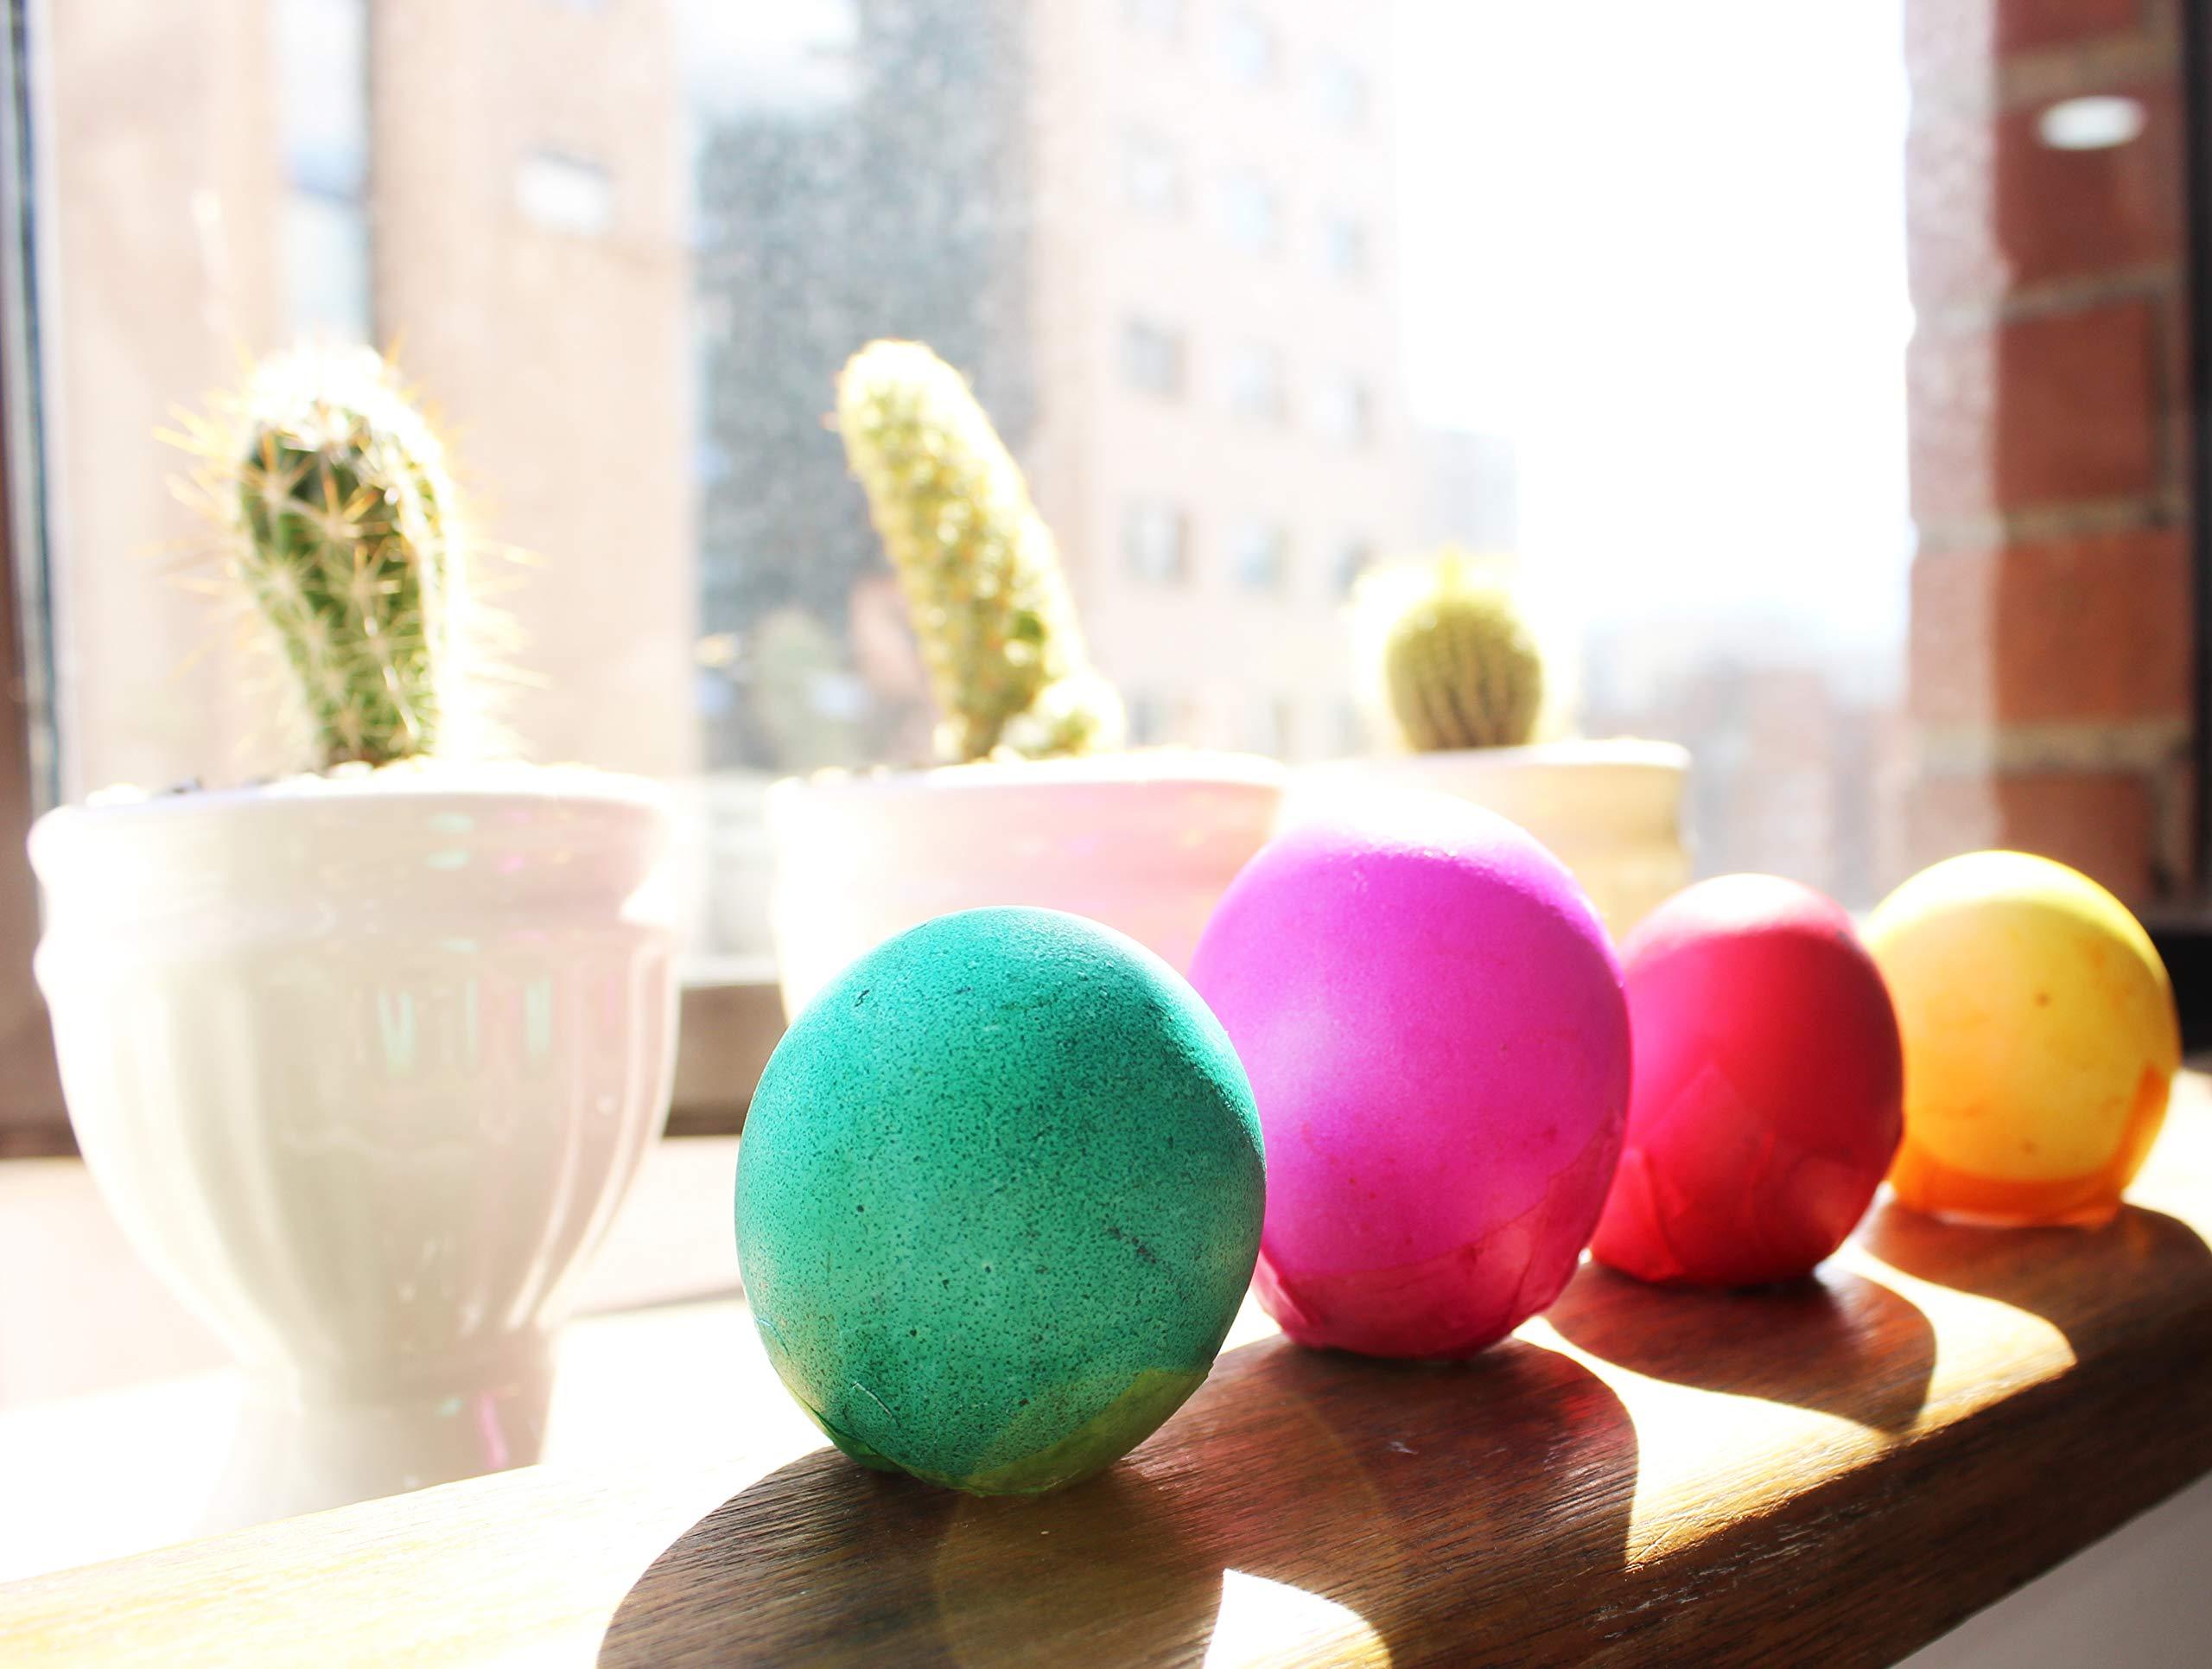 Confetti Eggs Cascarones, Multicolored, 240 Count, Party Game for Easter, San Antonio Fiesta Week, Cinco de Mayo or Birthday Party by Pinatas (Image #5)